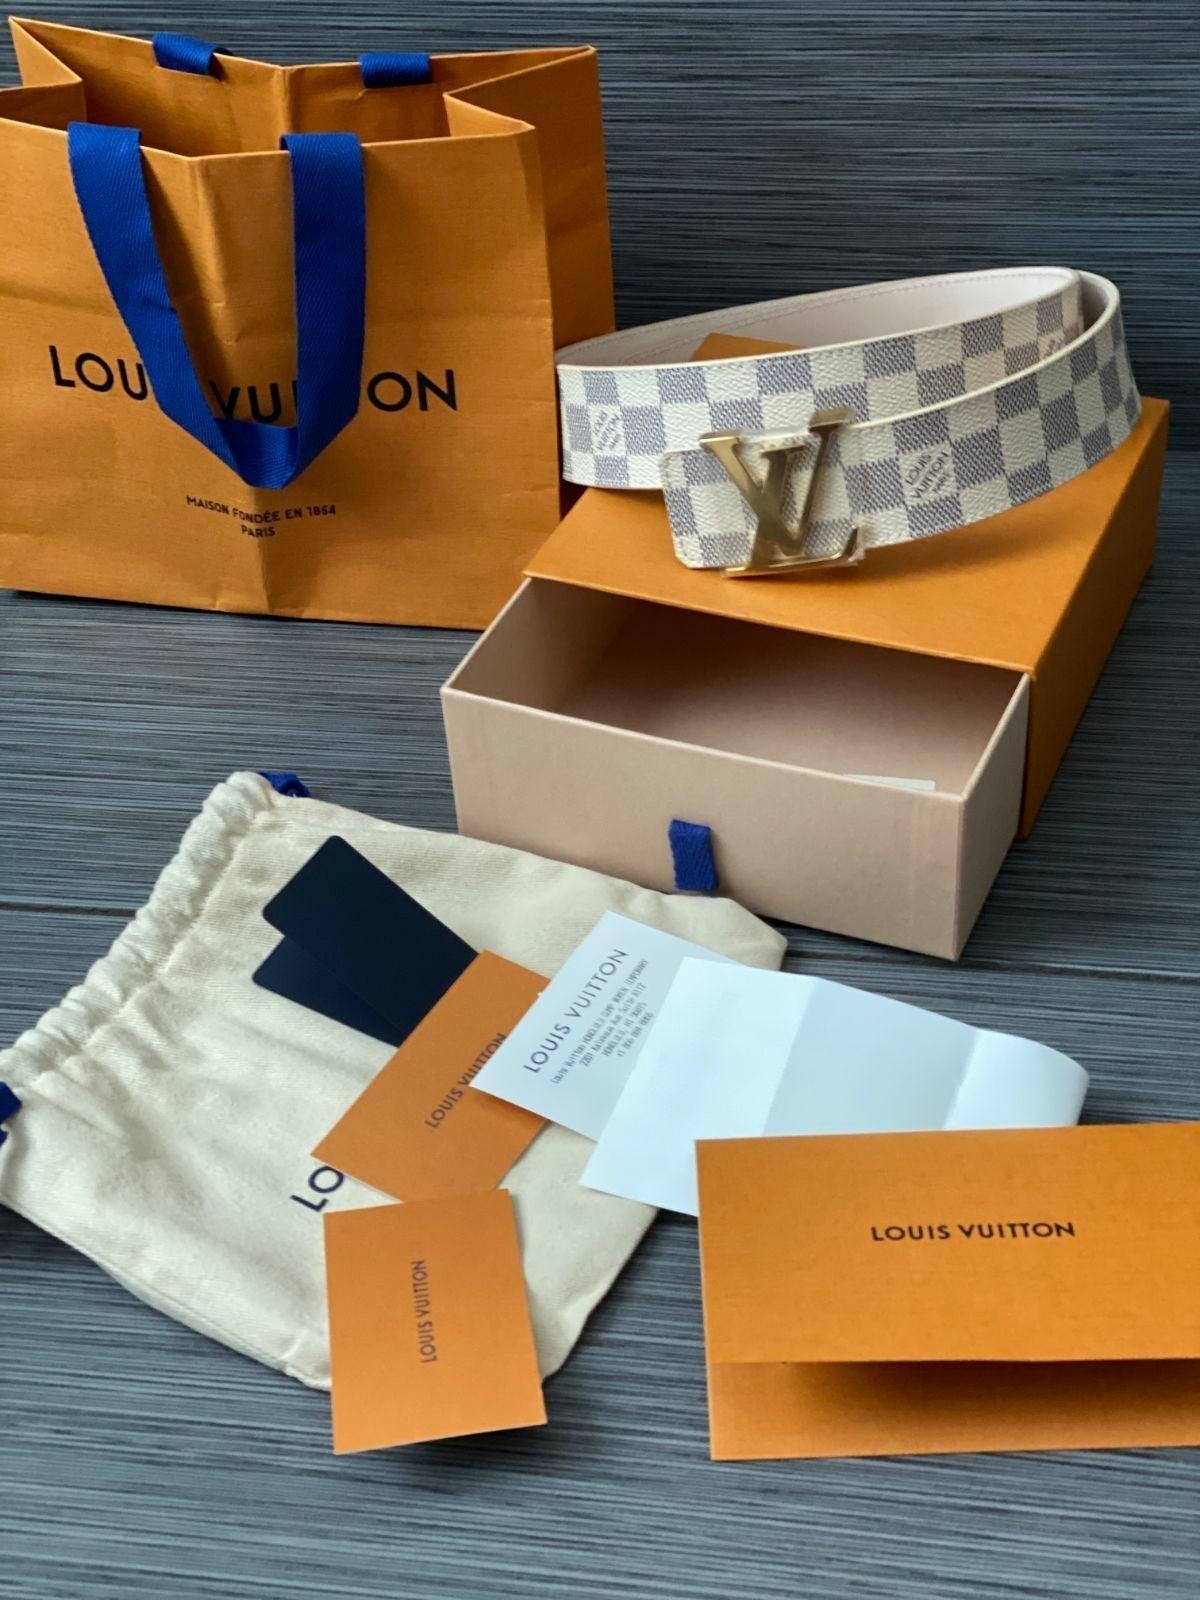 Louis Vuitton nwt authentic unisex belt